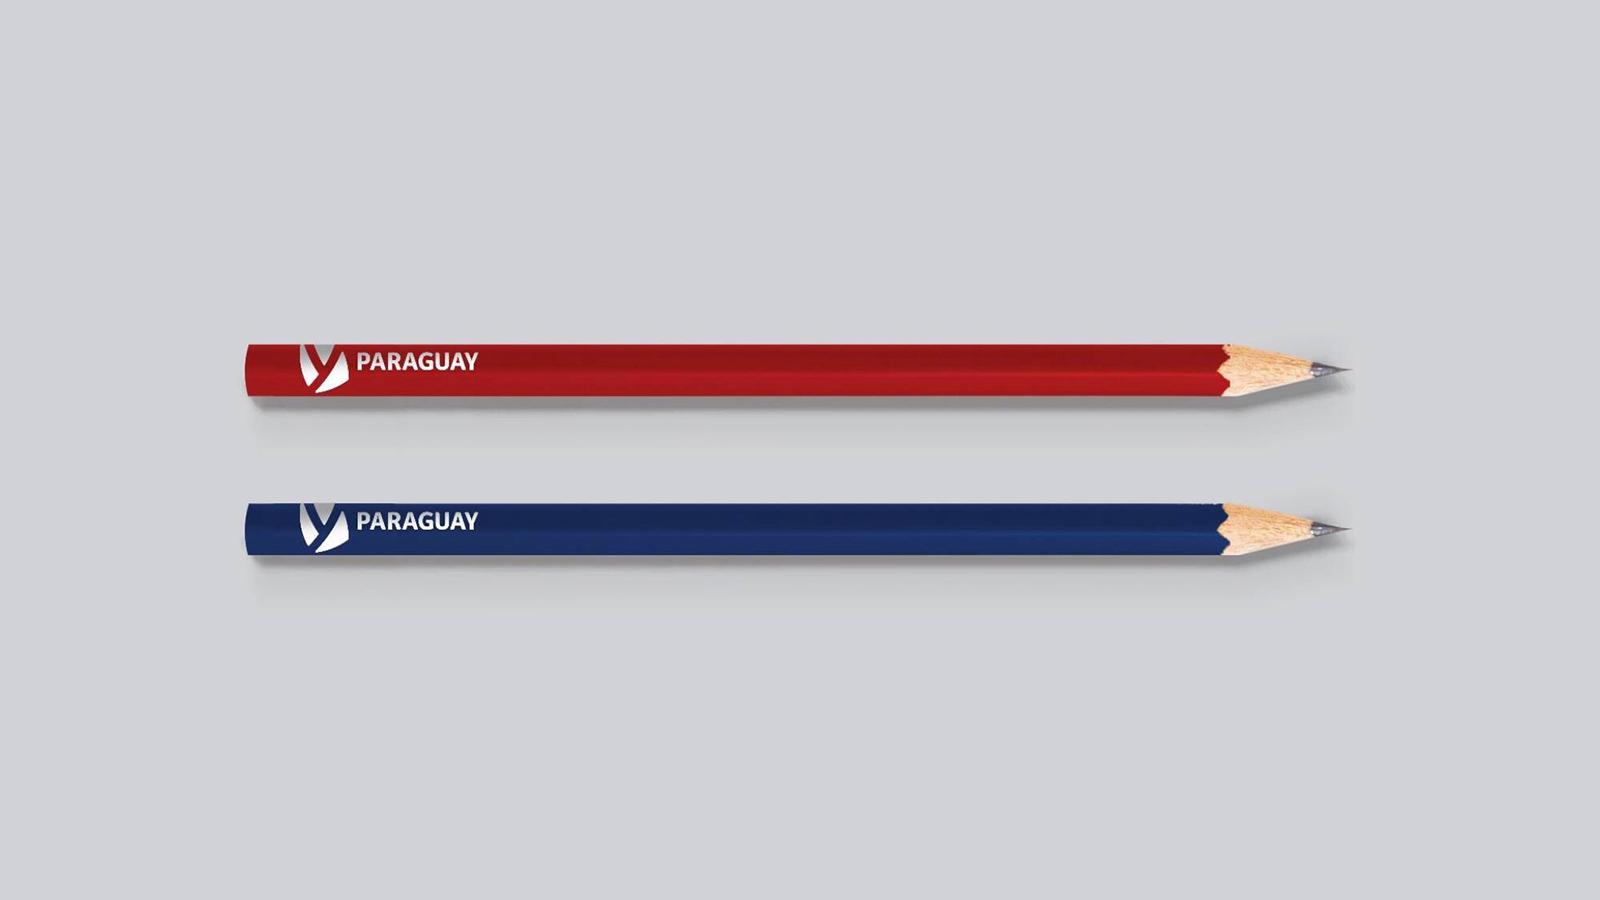 南美国家巴拉圭启用全新的国家形象并发布新的logo-深圳VI设计7